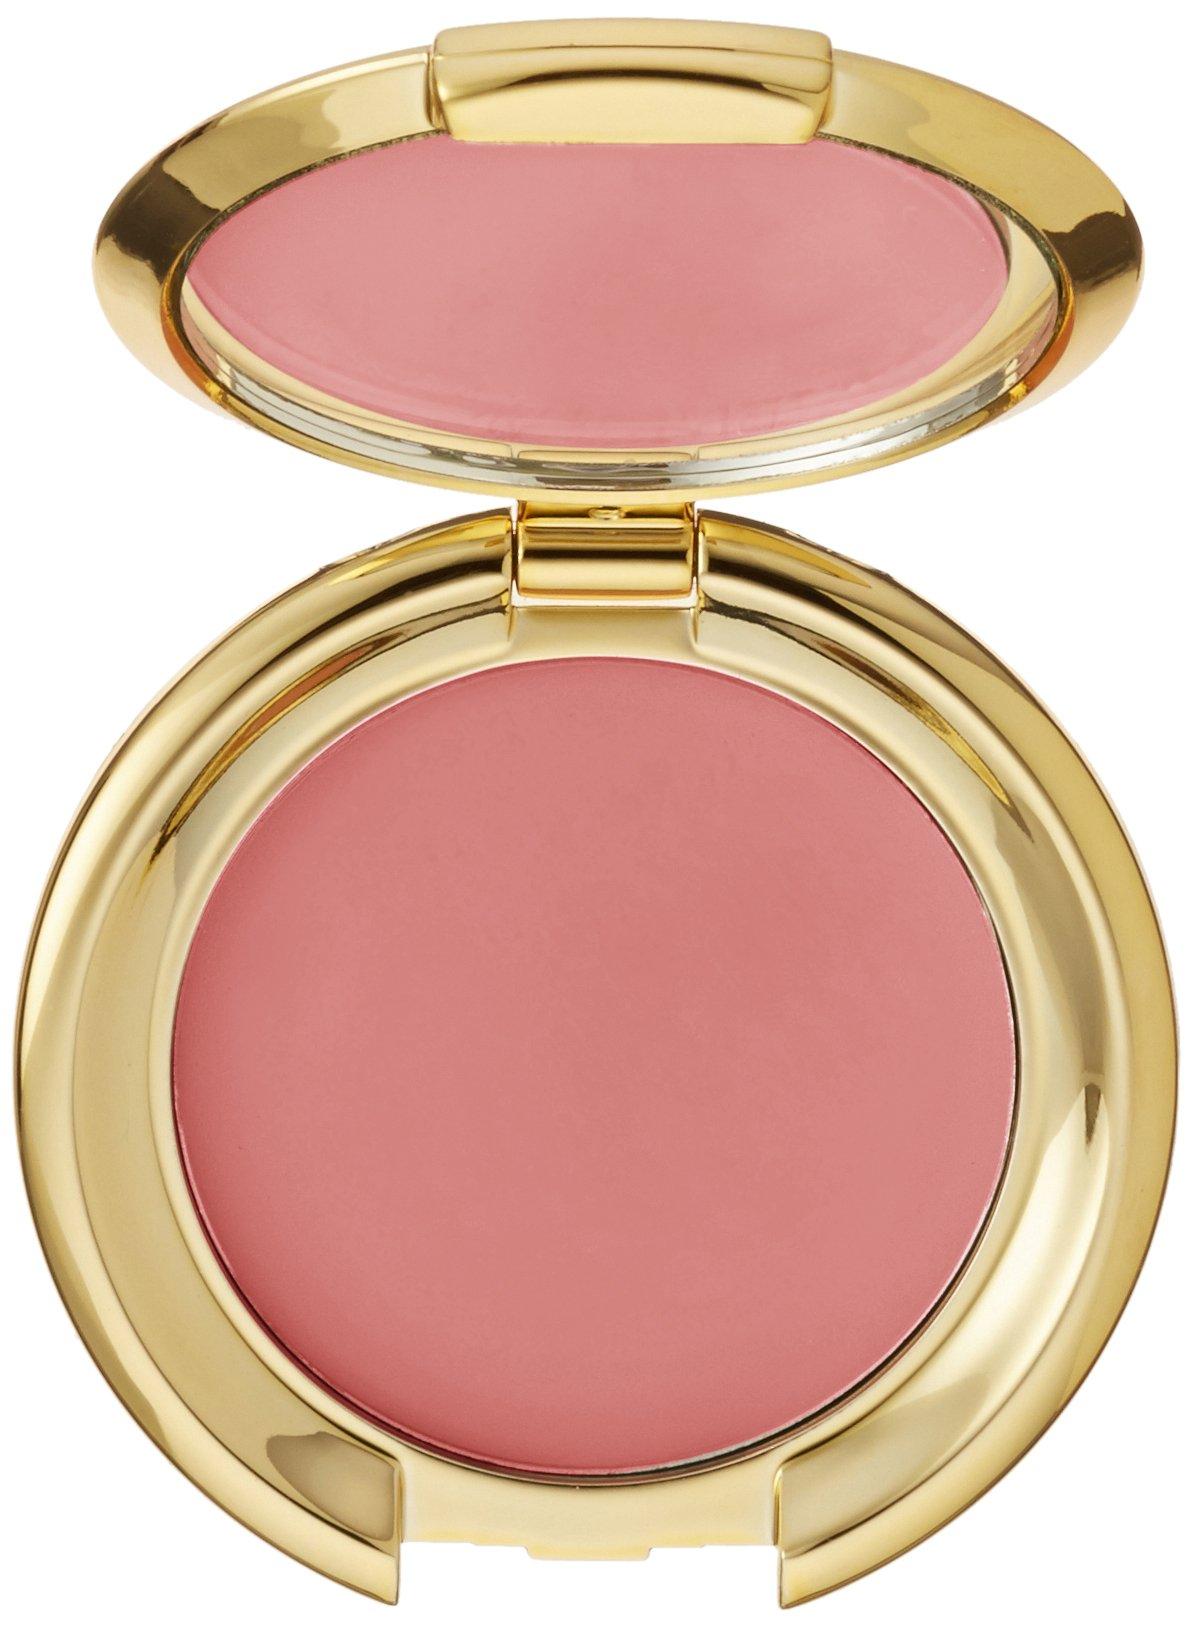 Elizabeth Arden Ceramide Cream Blush, Plum, 0.09 oz. by Elizabeth Arden (Image #6)